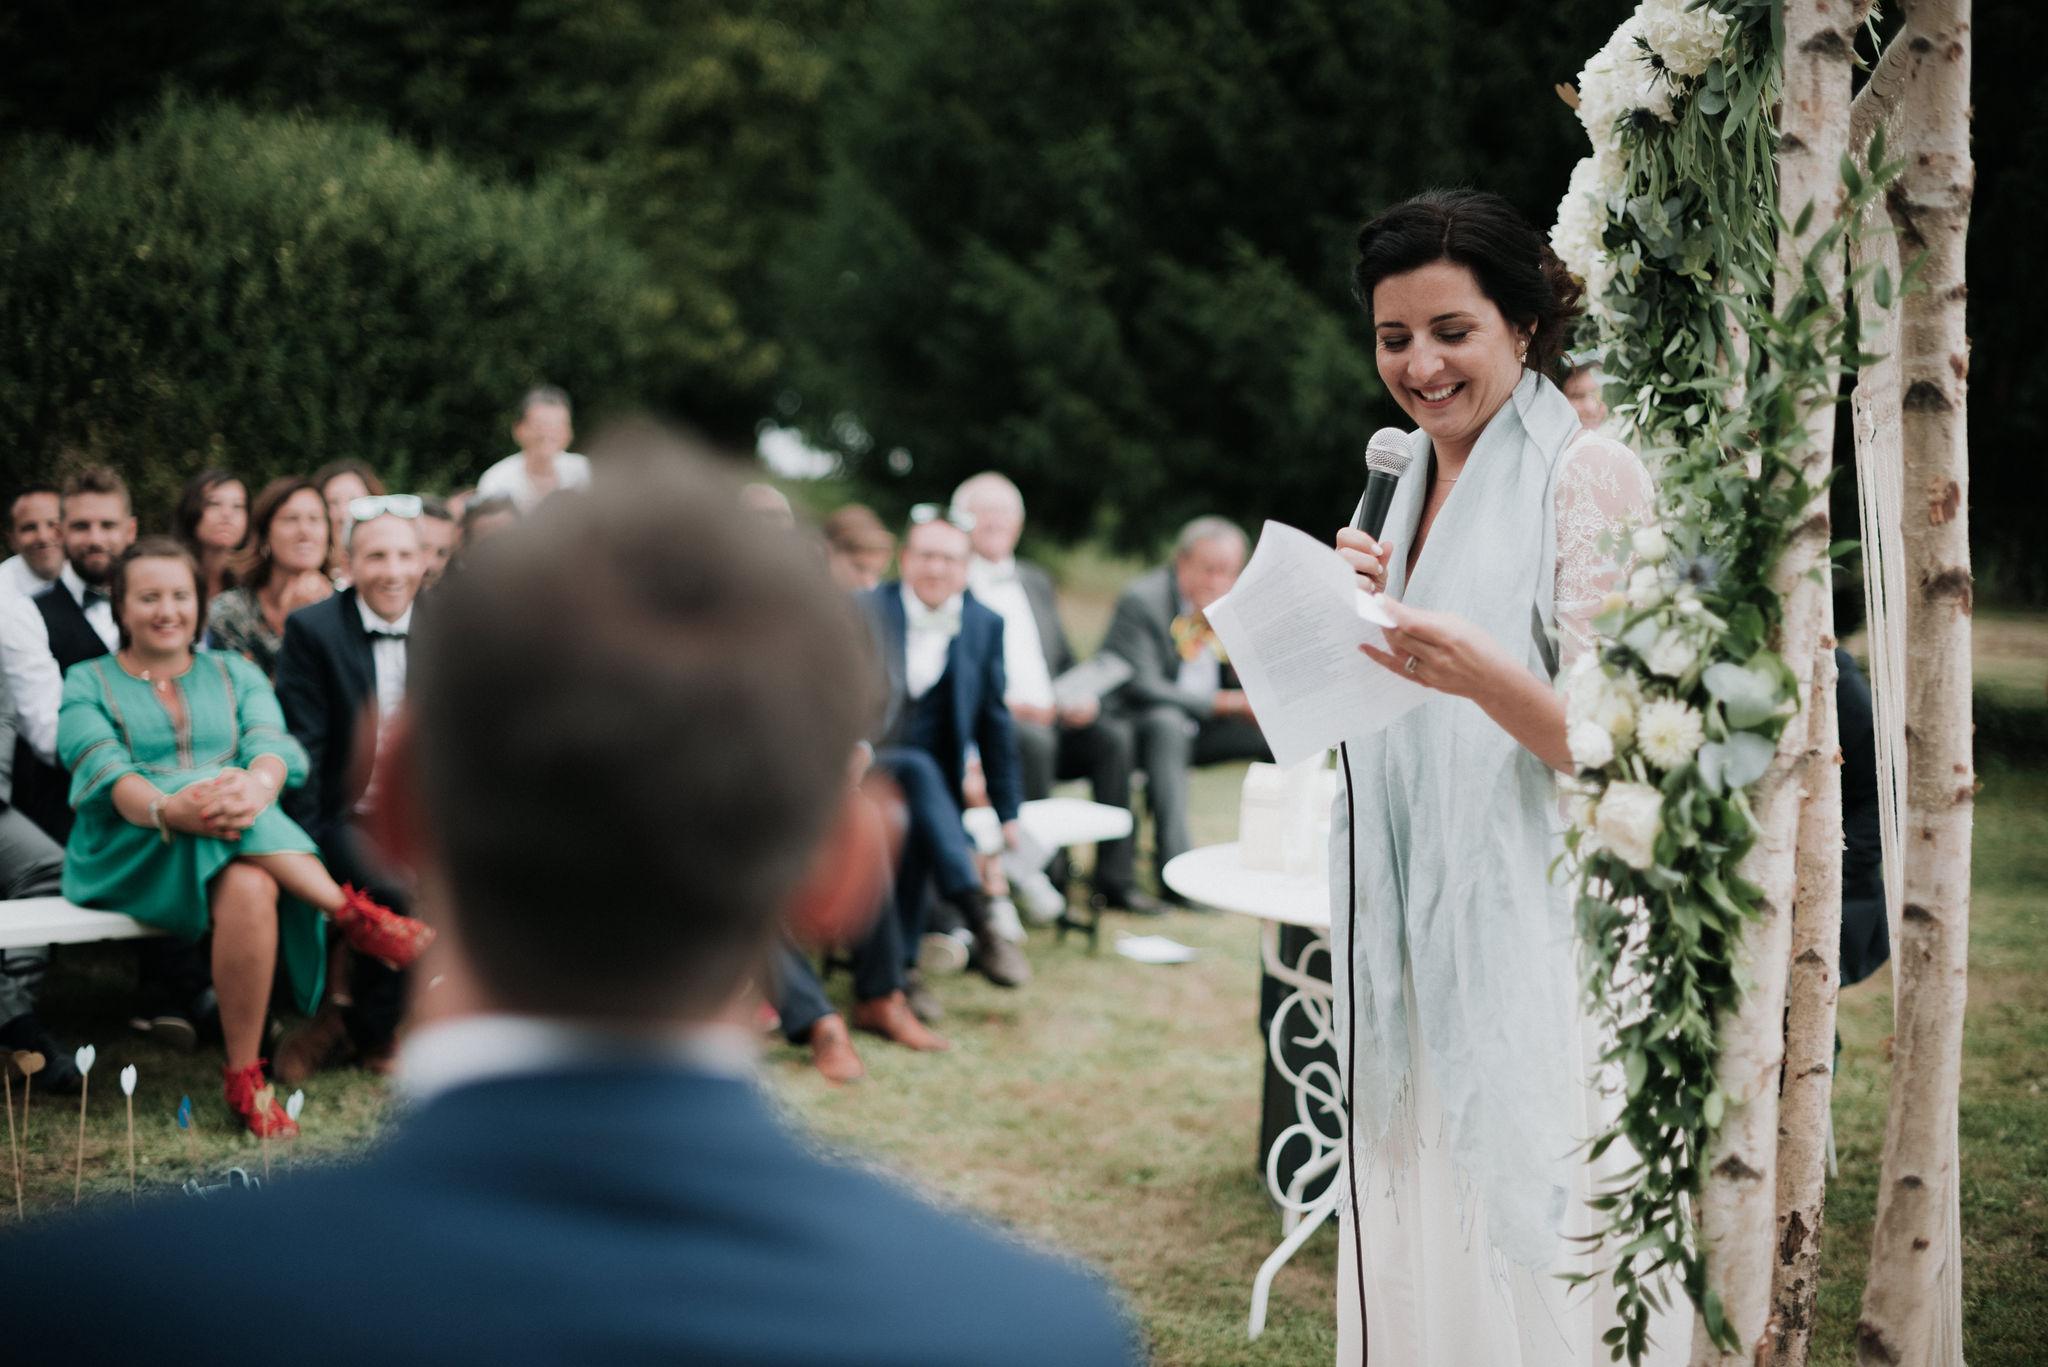 Léa-Fery-photographe-professionnel-lyon-rhone-alpes-portrait-creation-mariage-evenement-evenementiel-famille-7410.jpg